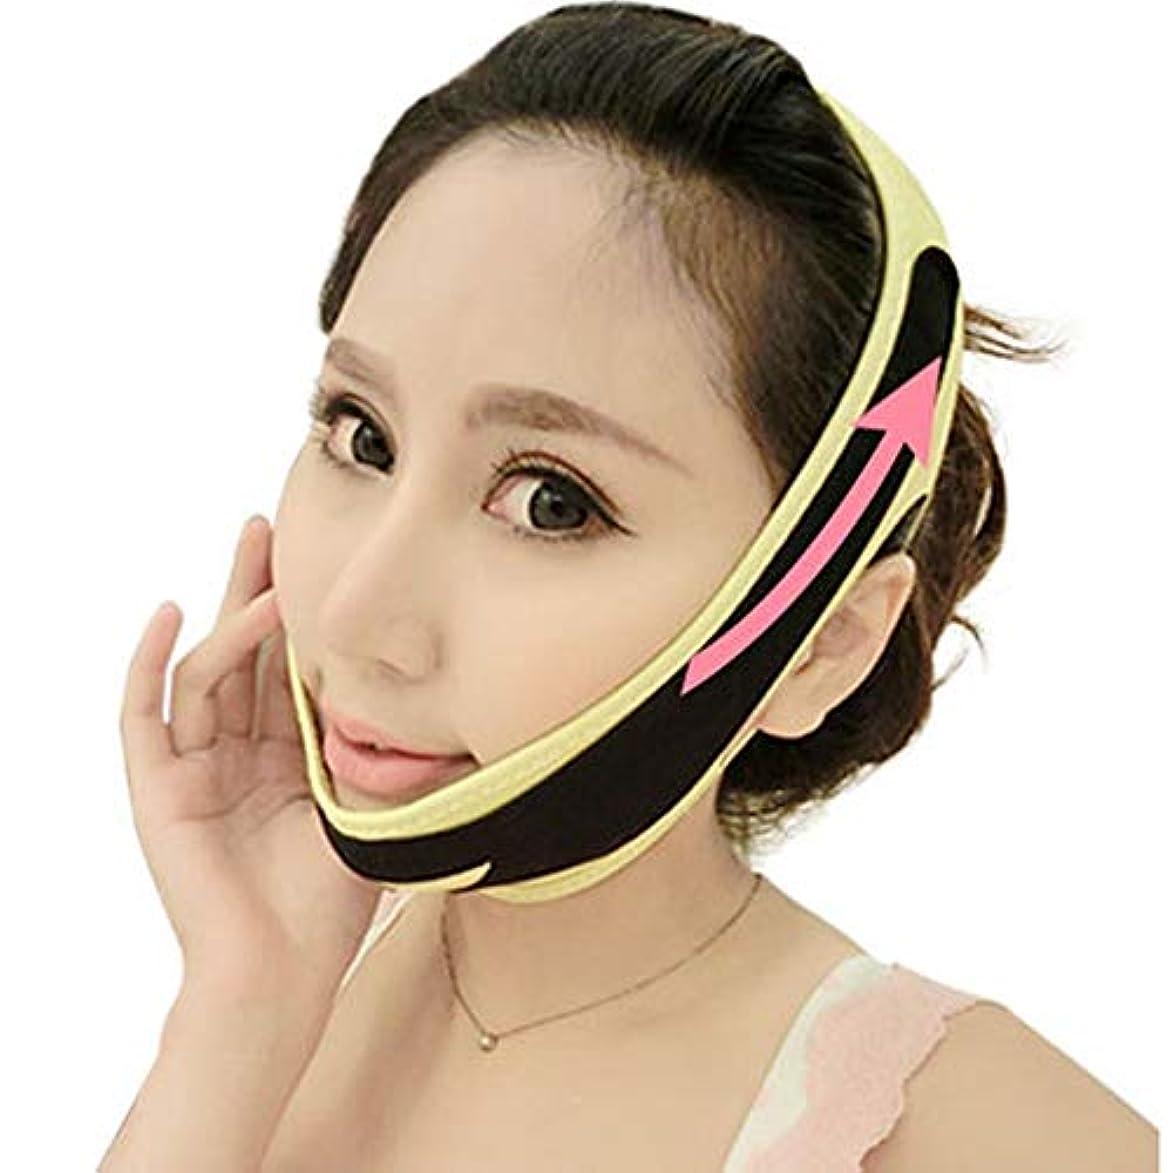 資格情報スカープ制限されたフェイスリフティング包帯、顔の矯正V字型肌の弾力性を高めます 二重あごを軽減睡眠の質を向上させます (Color : Yellow)